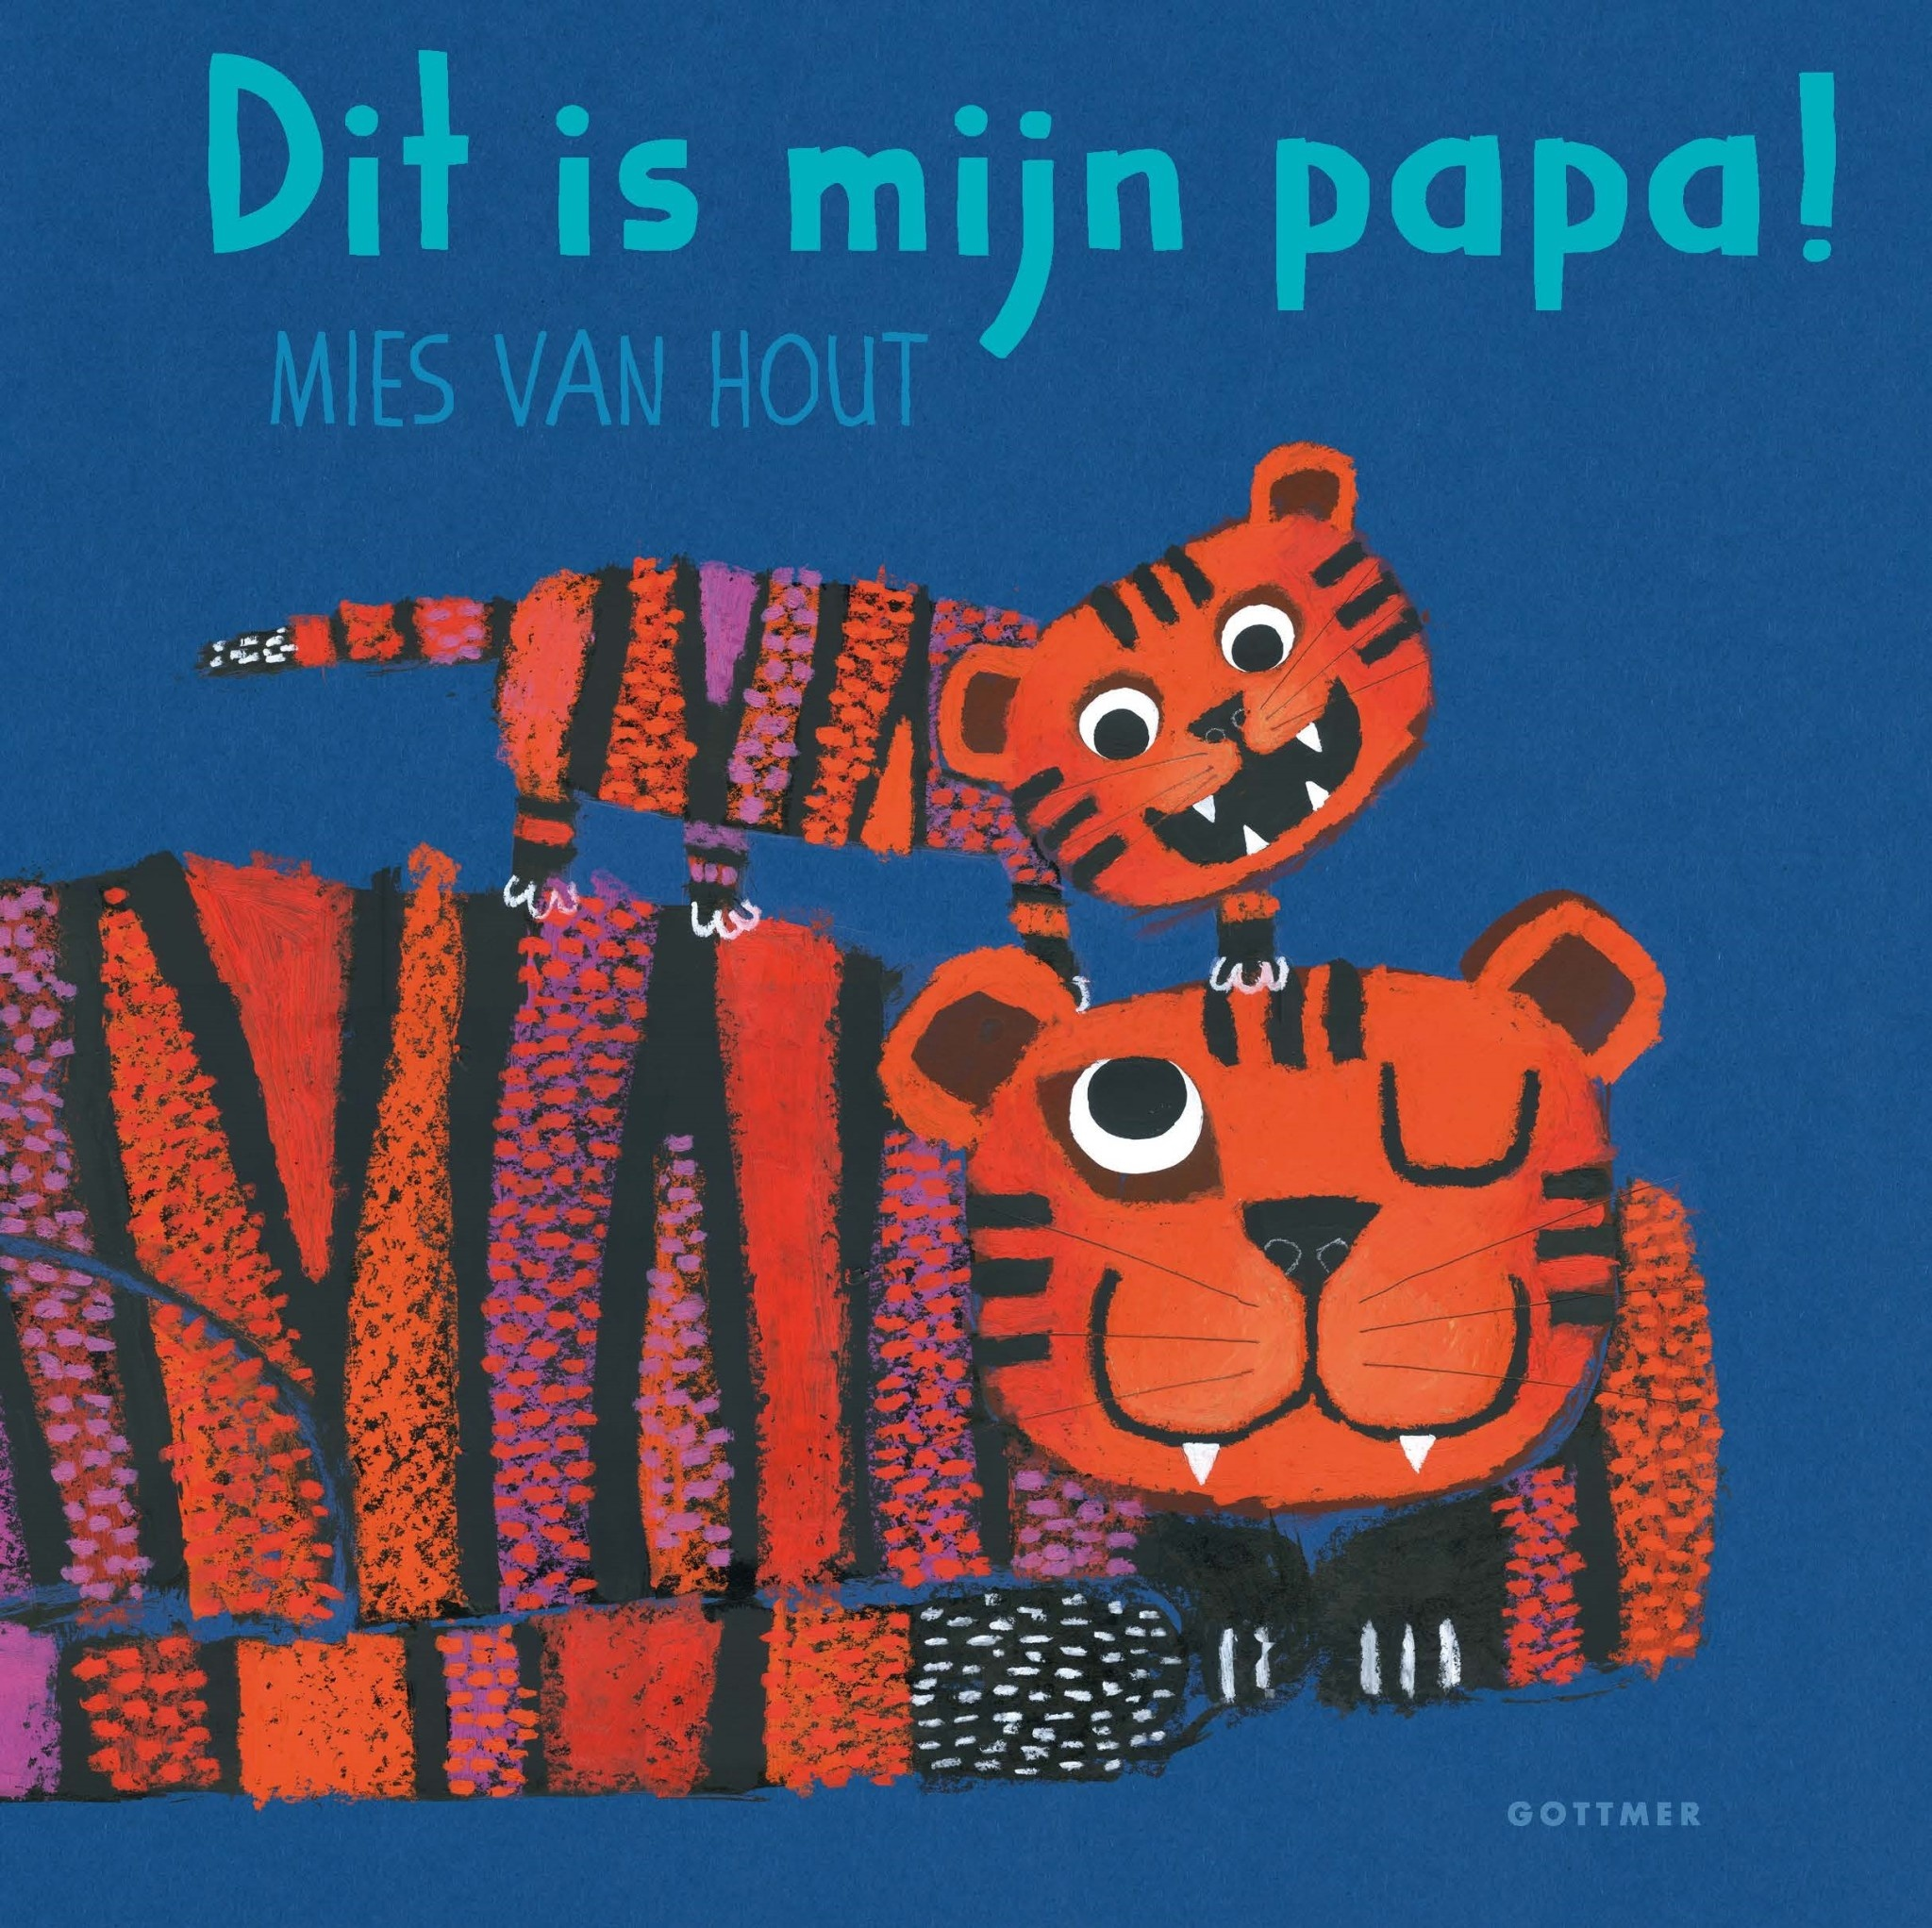 Boek - dit is mijn papa!-1